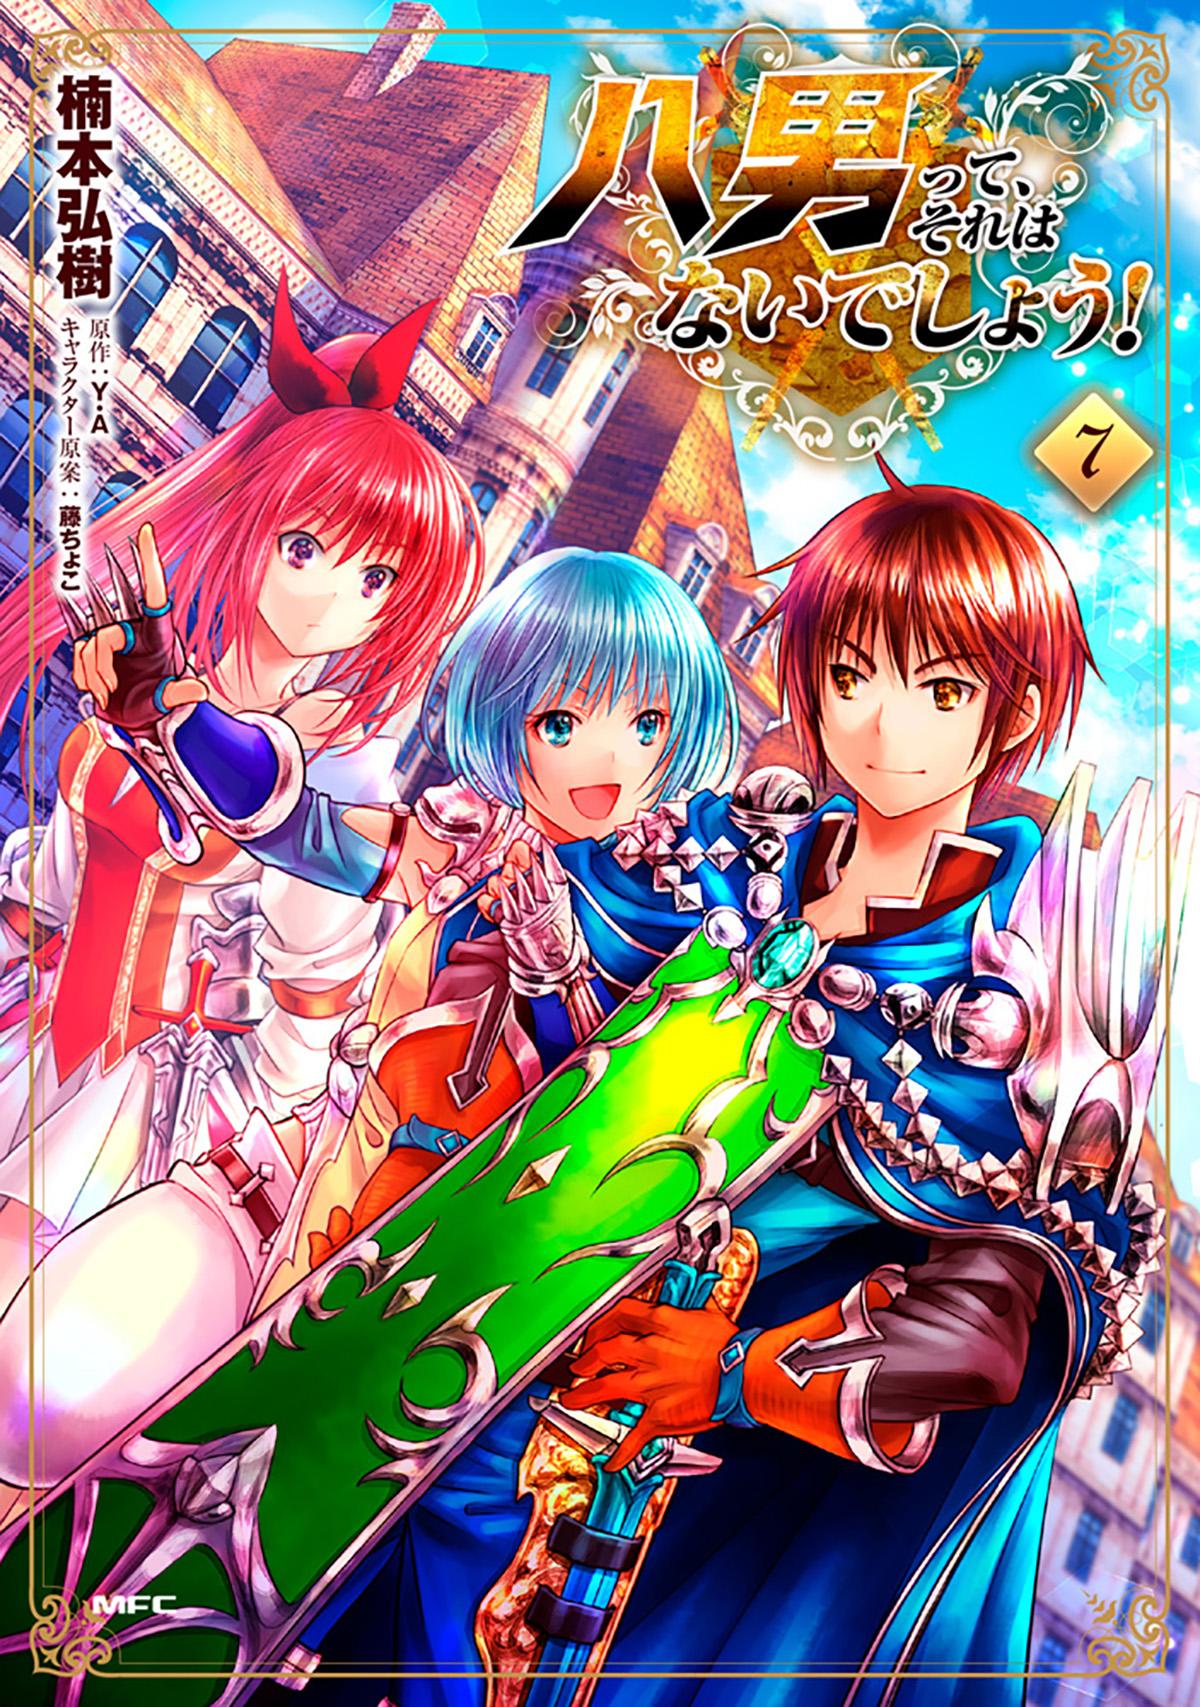 Hachi-nan tte, Sore wa Nai deshou! Manga